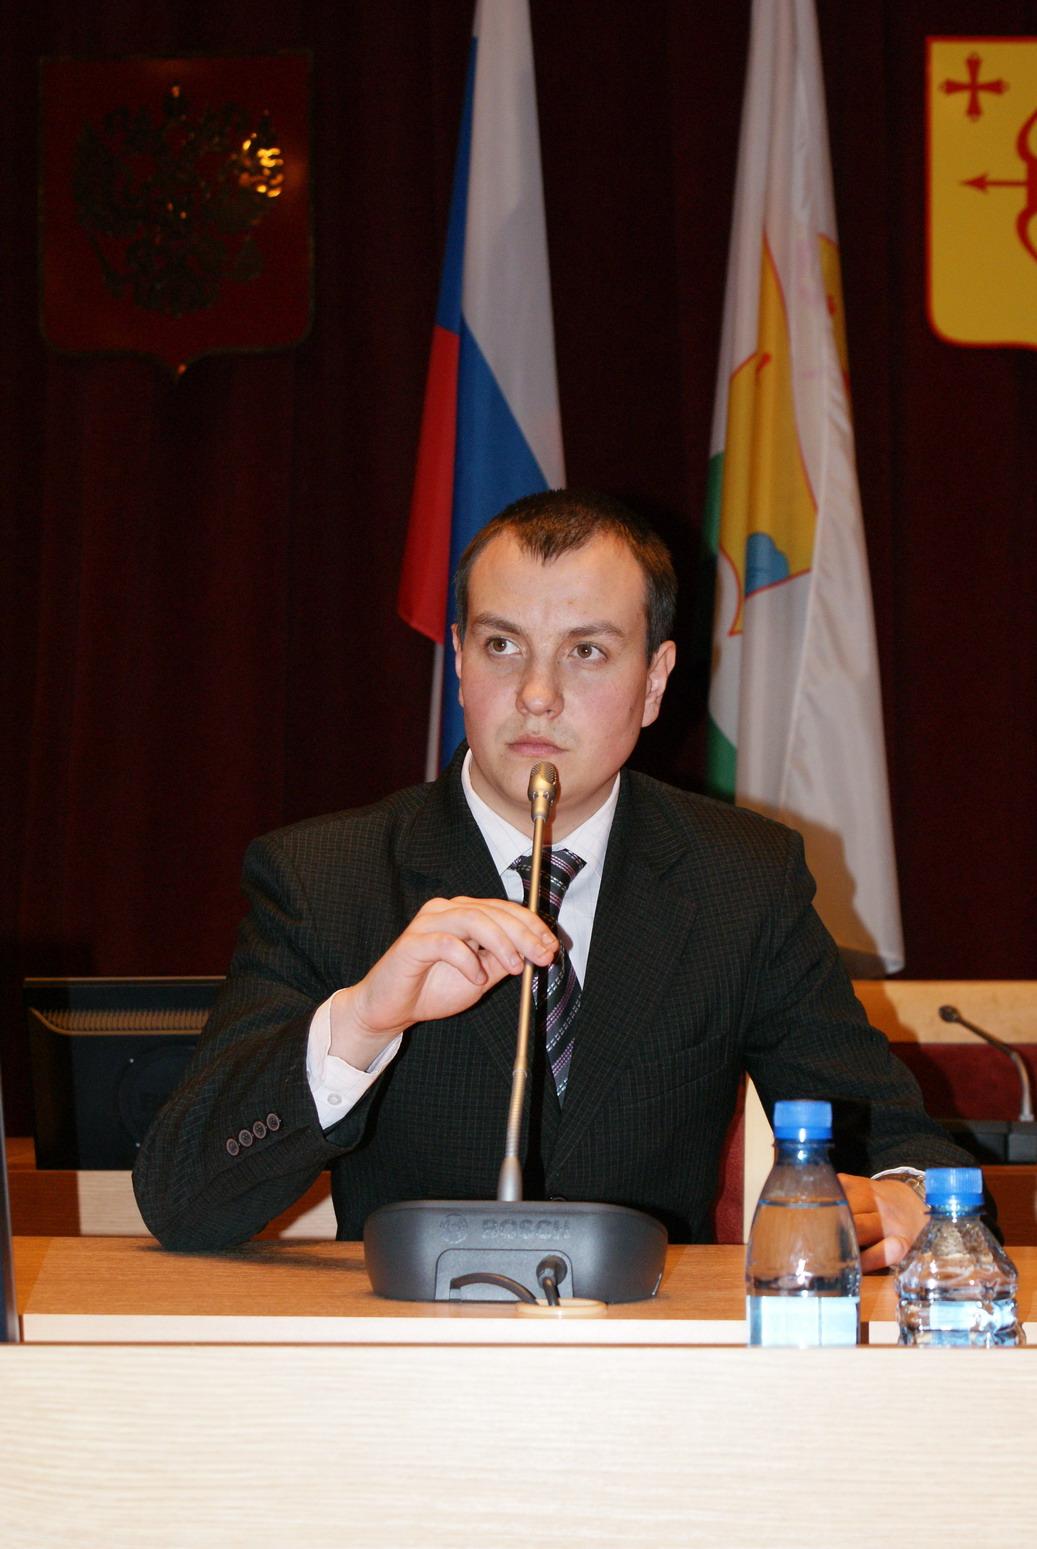 Матвеев Антон Сергеевич